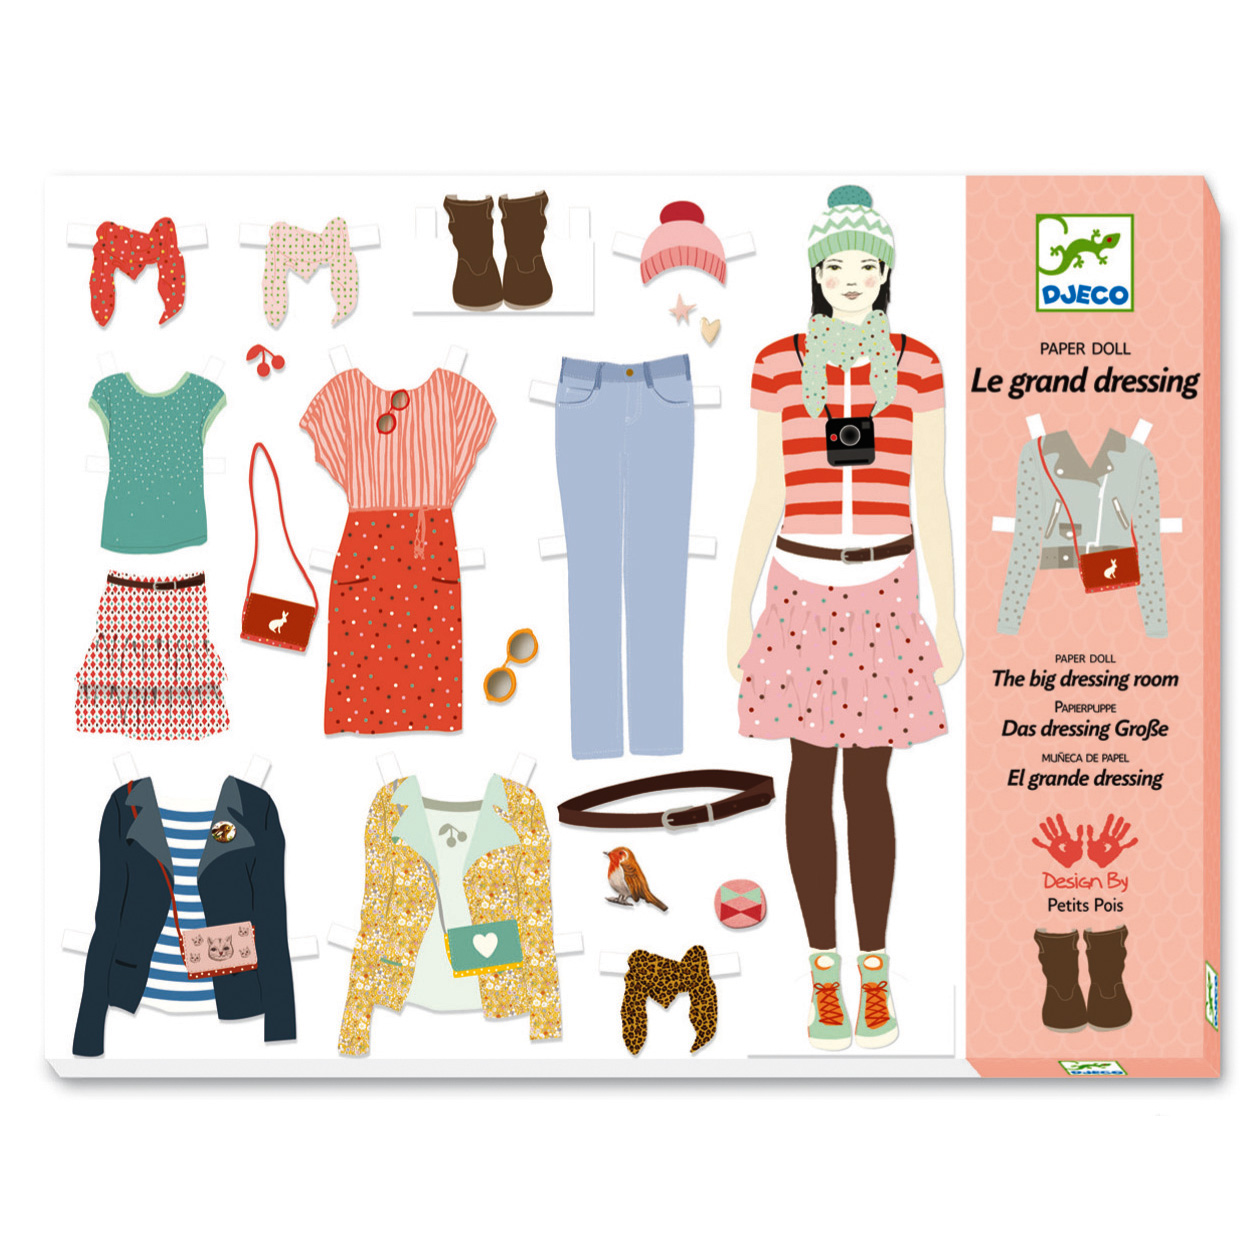 Kit créatif Au bonheur des filles : Oh! la mode : Le grand dressing